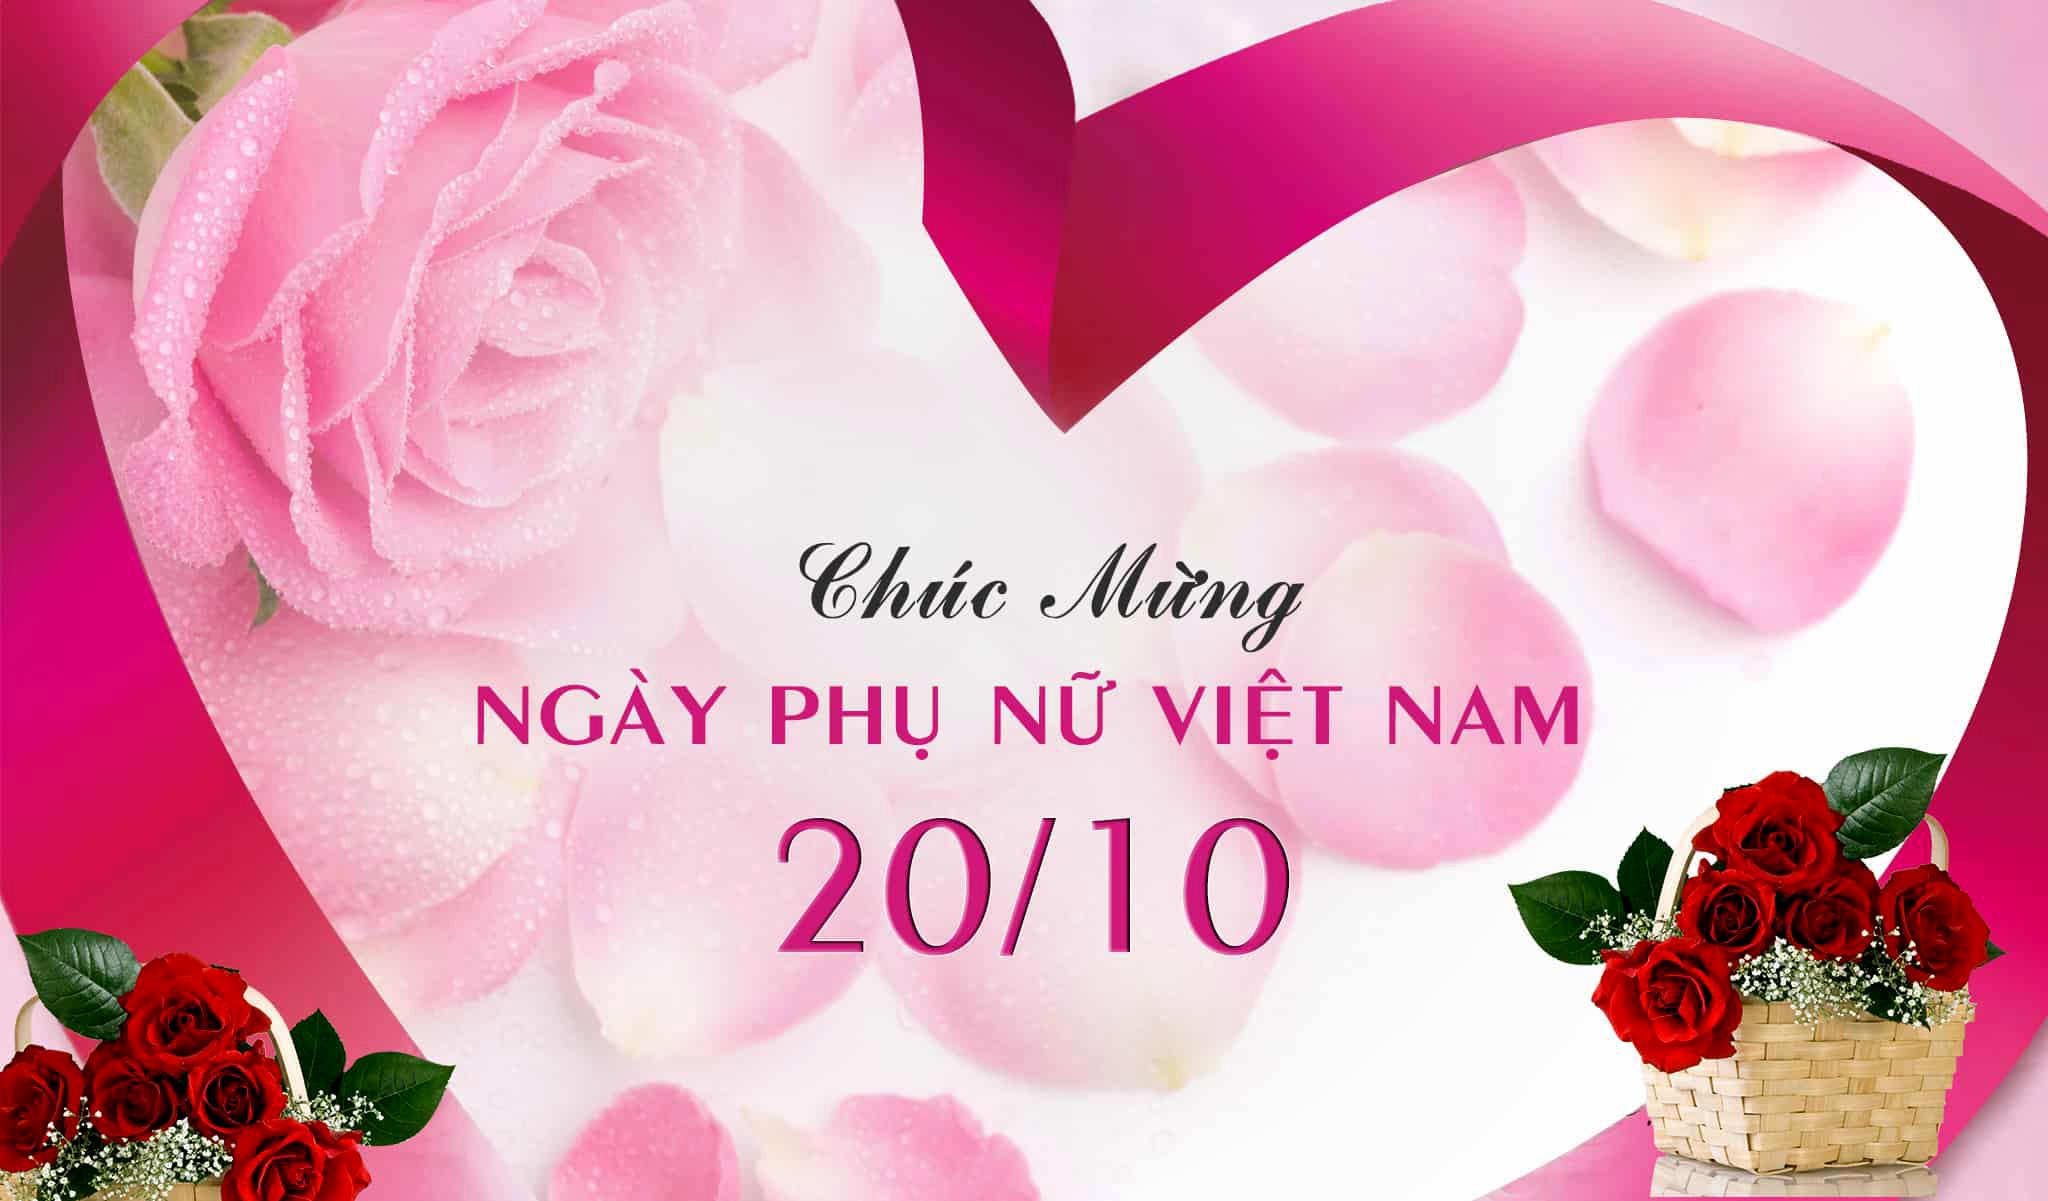 Chùm thơ các tác giả nữ nhân ngày Phụ nữ Việt Nam (20-10)